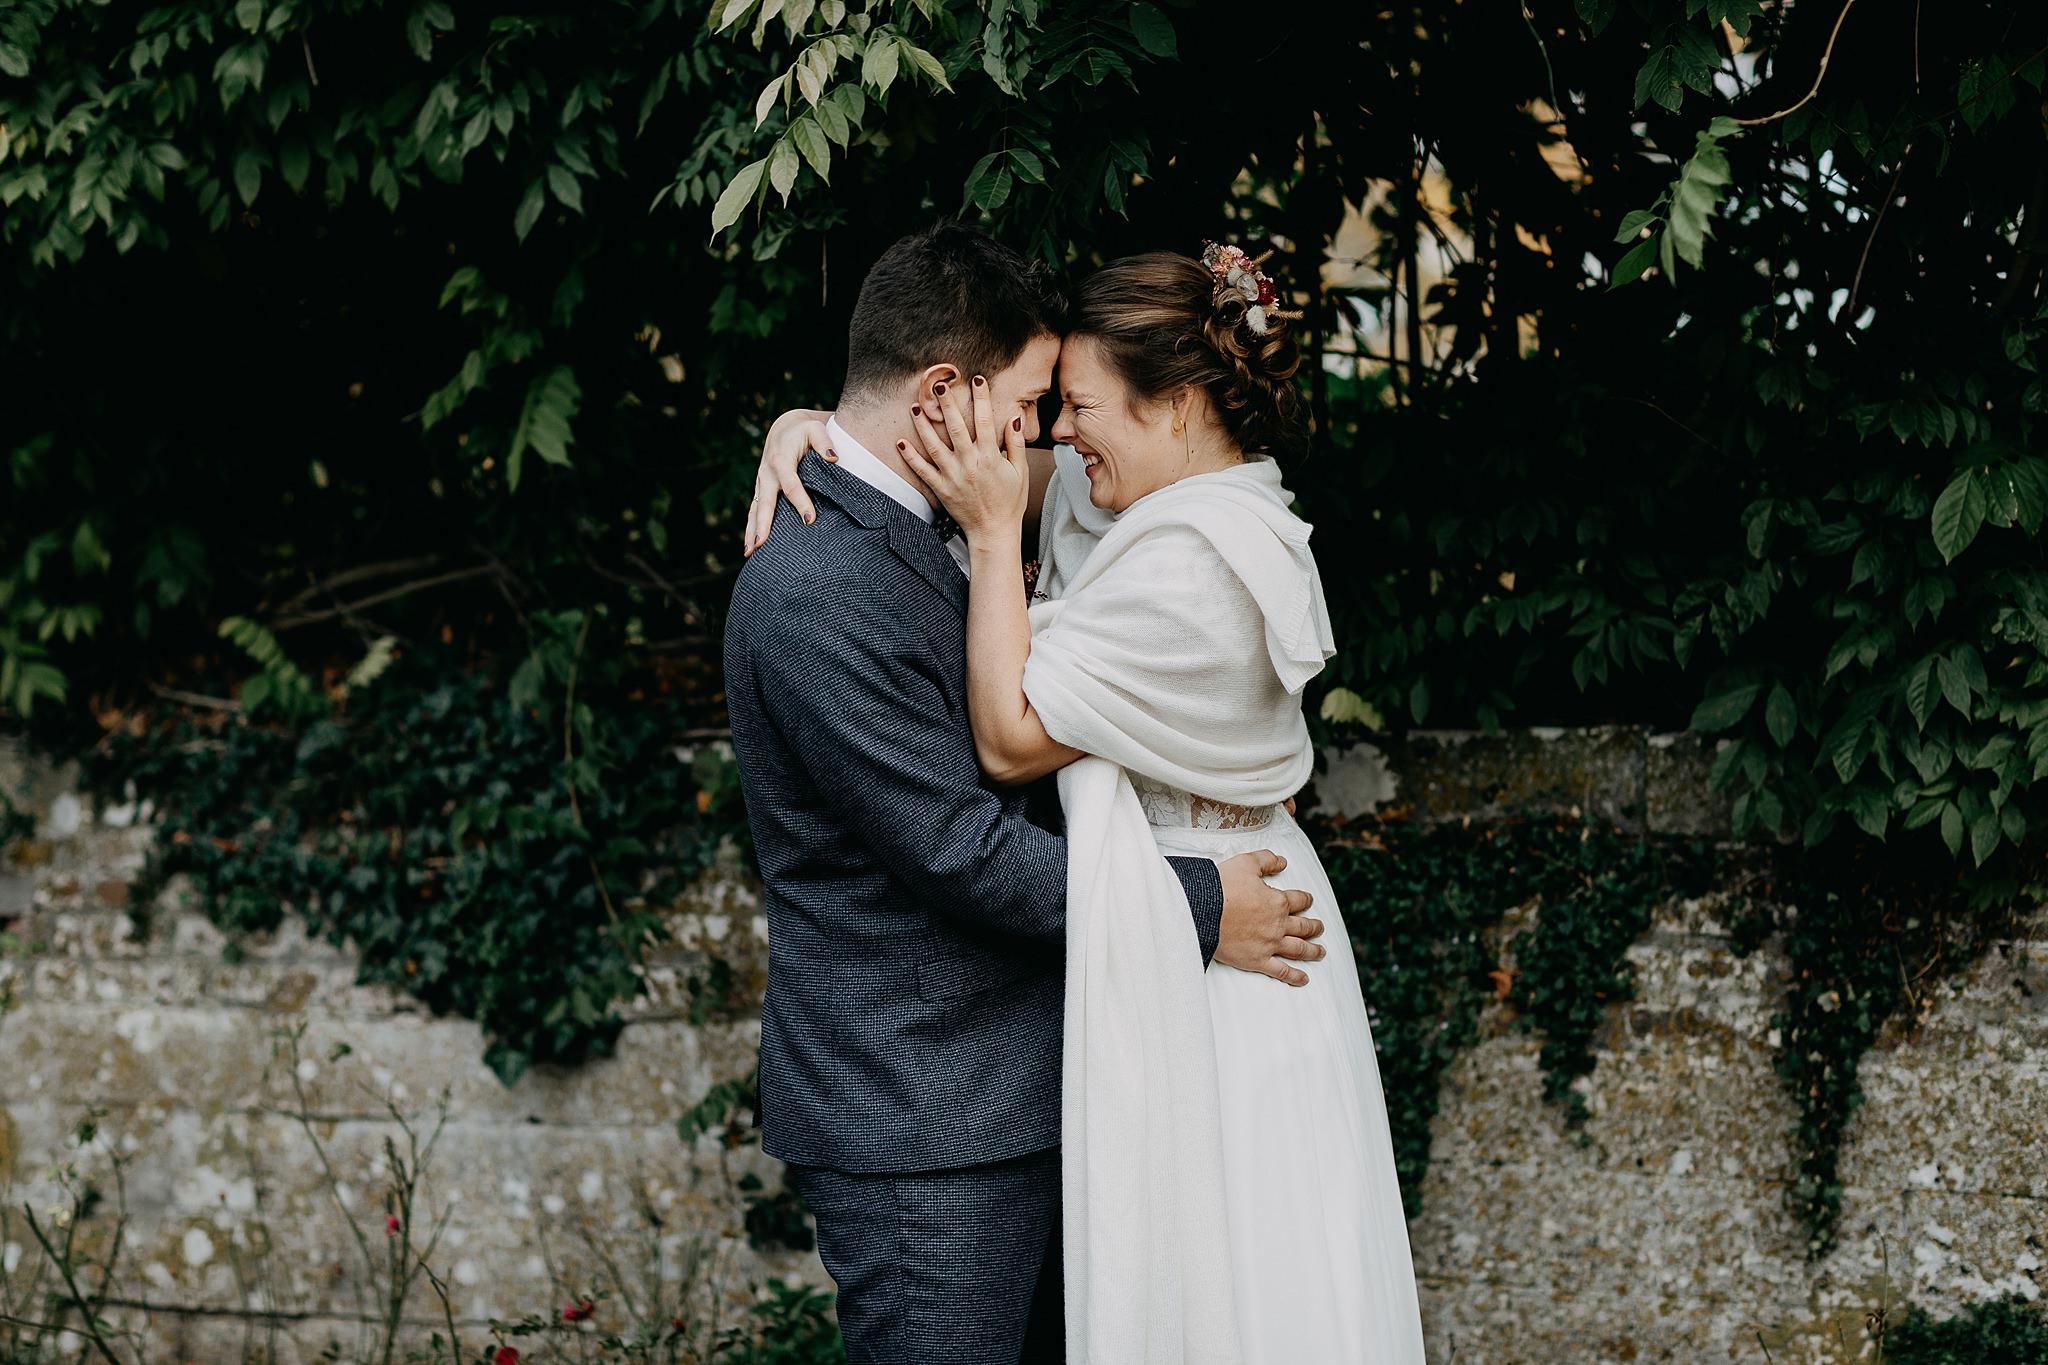 Kasteel van Oorbeek dreef knuffel bruidskoppel